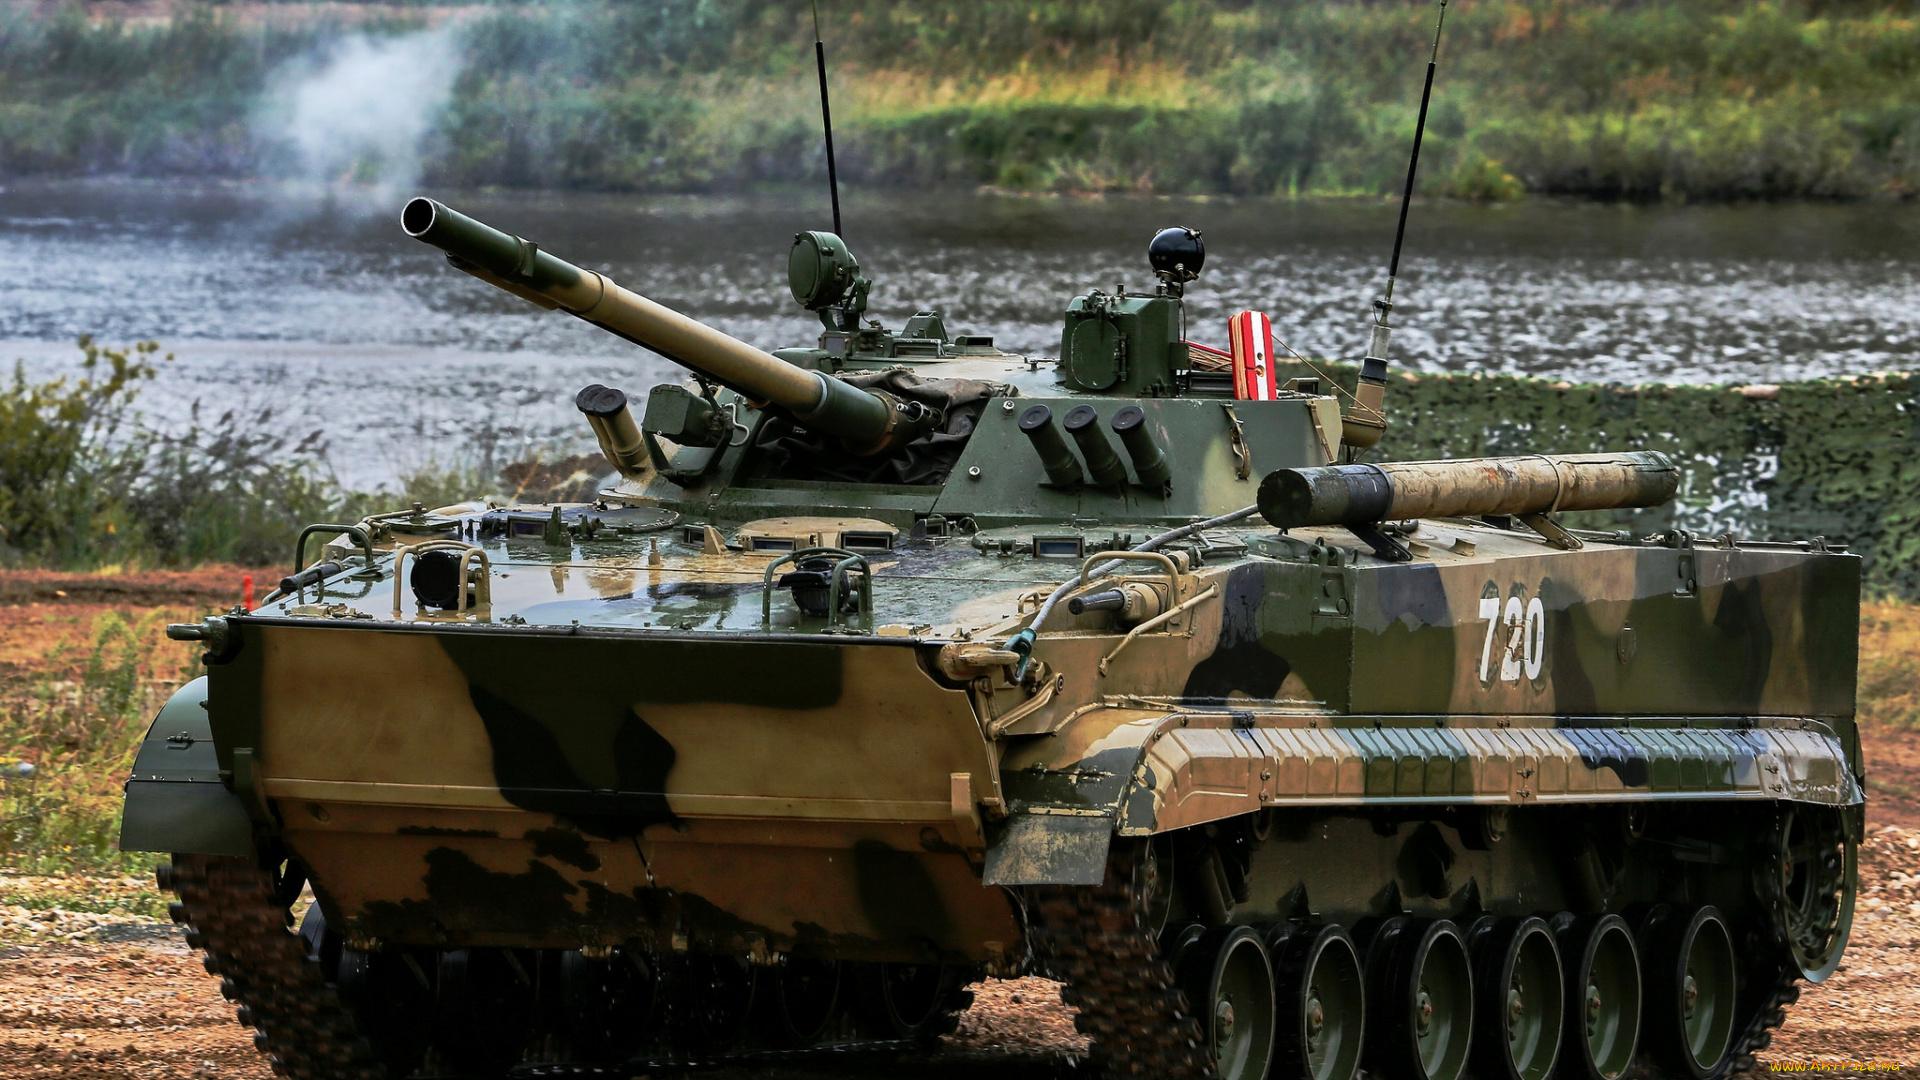 фото военной техники высокого разрешения крючком